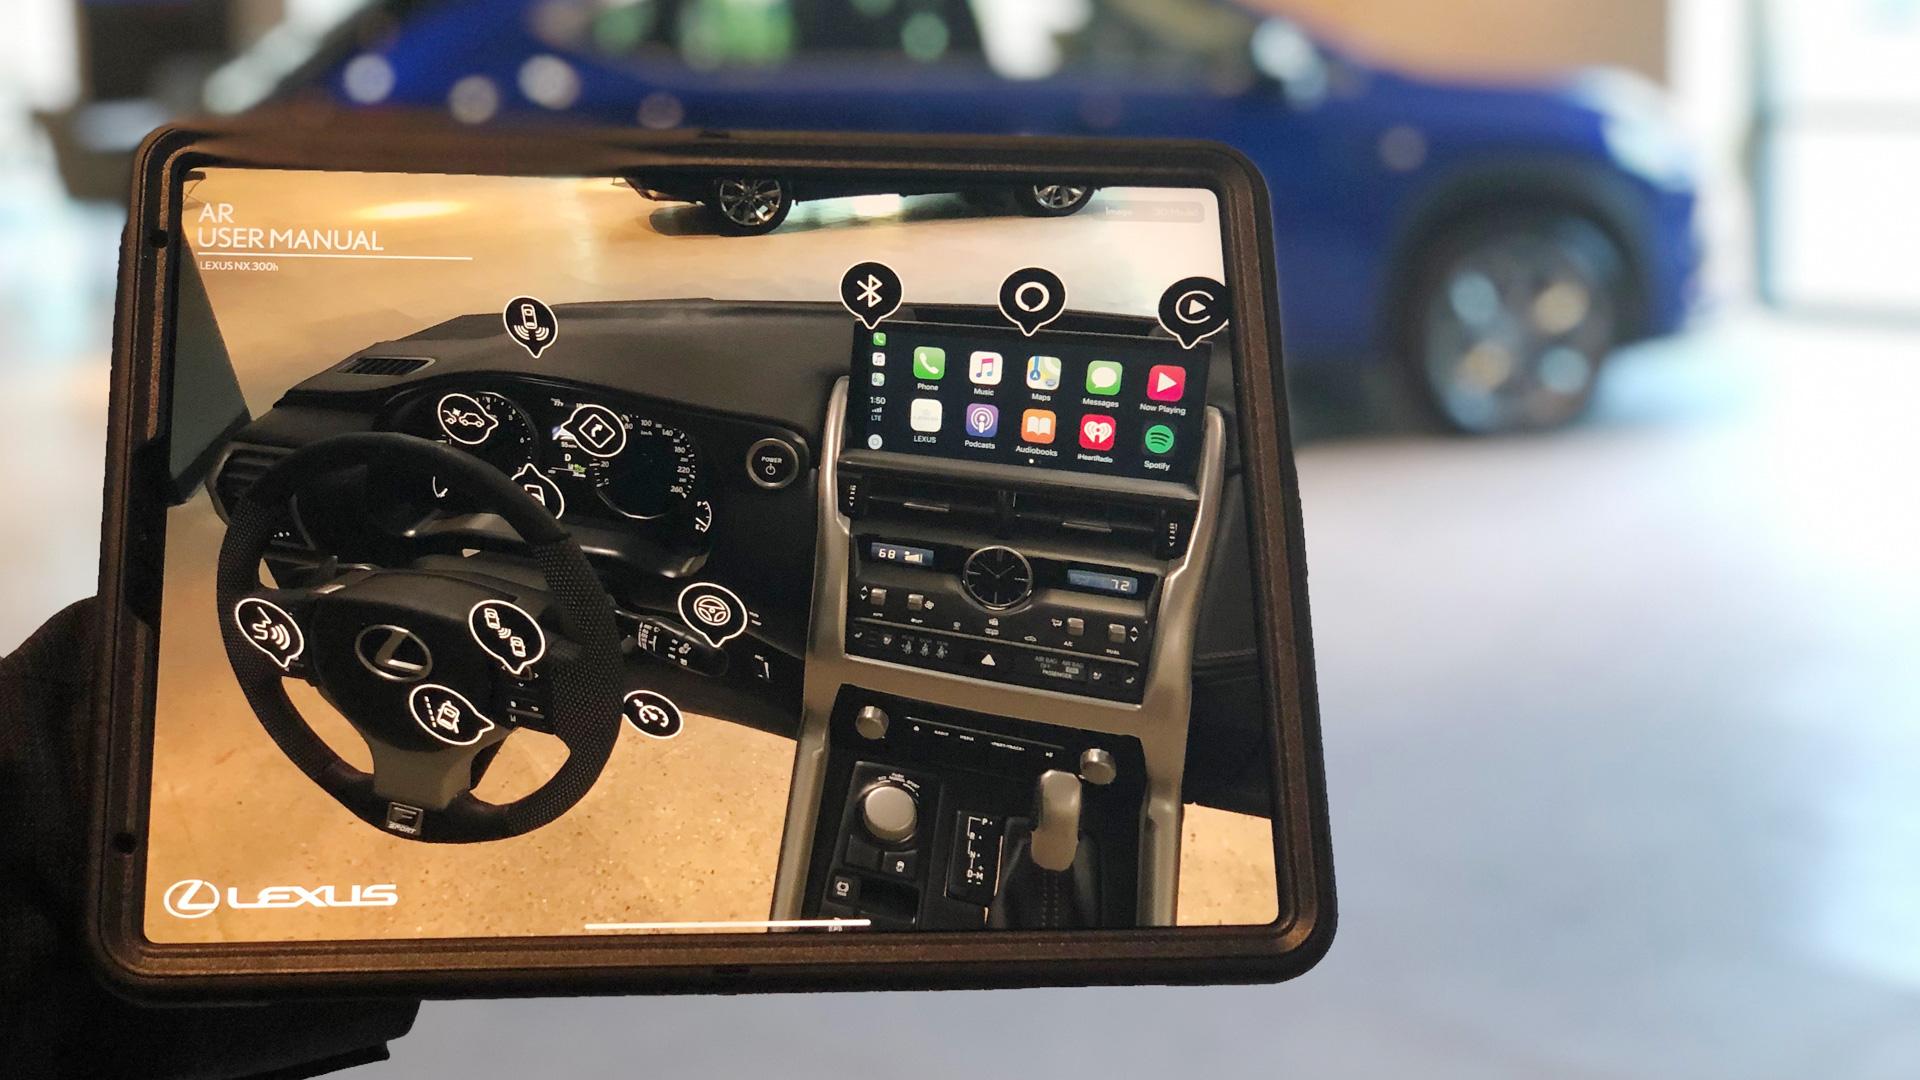 Lexus AR